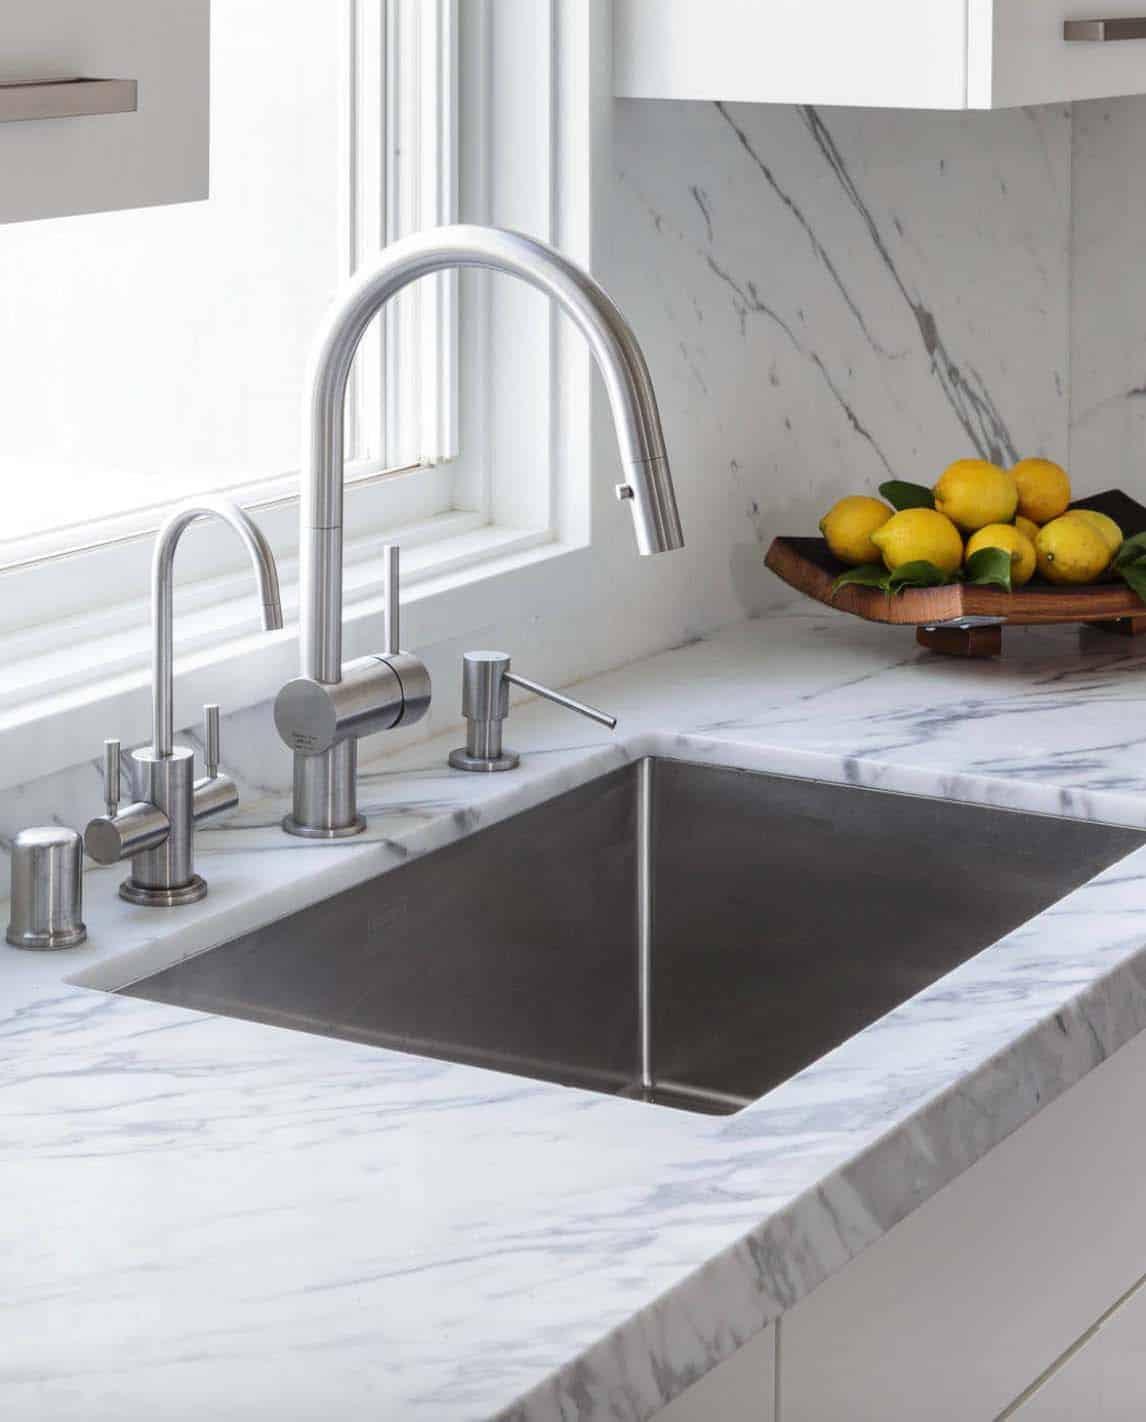 contemporary-kitchen-sink-detail